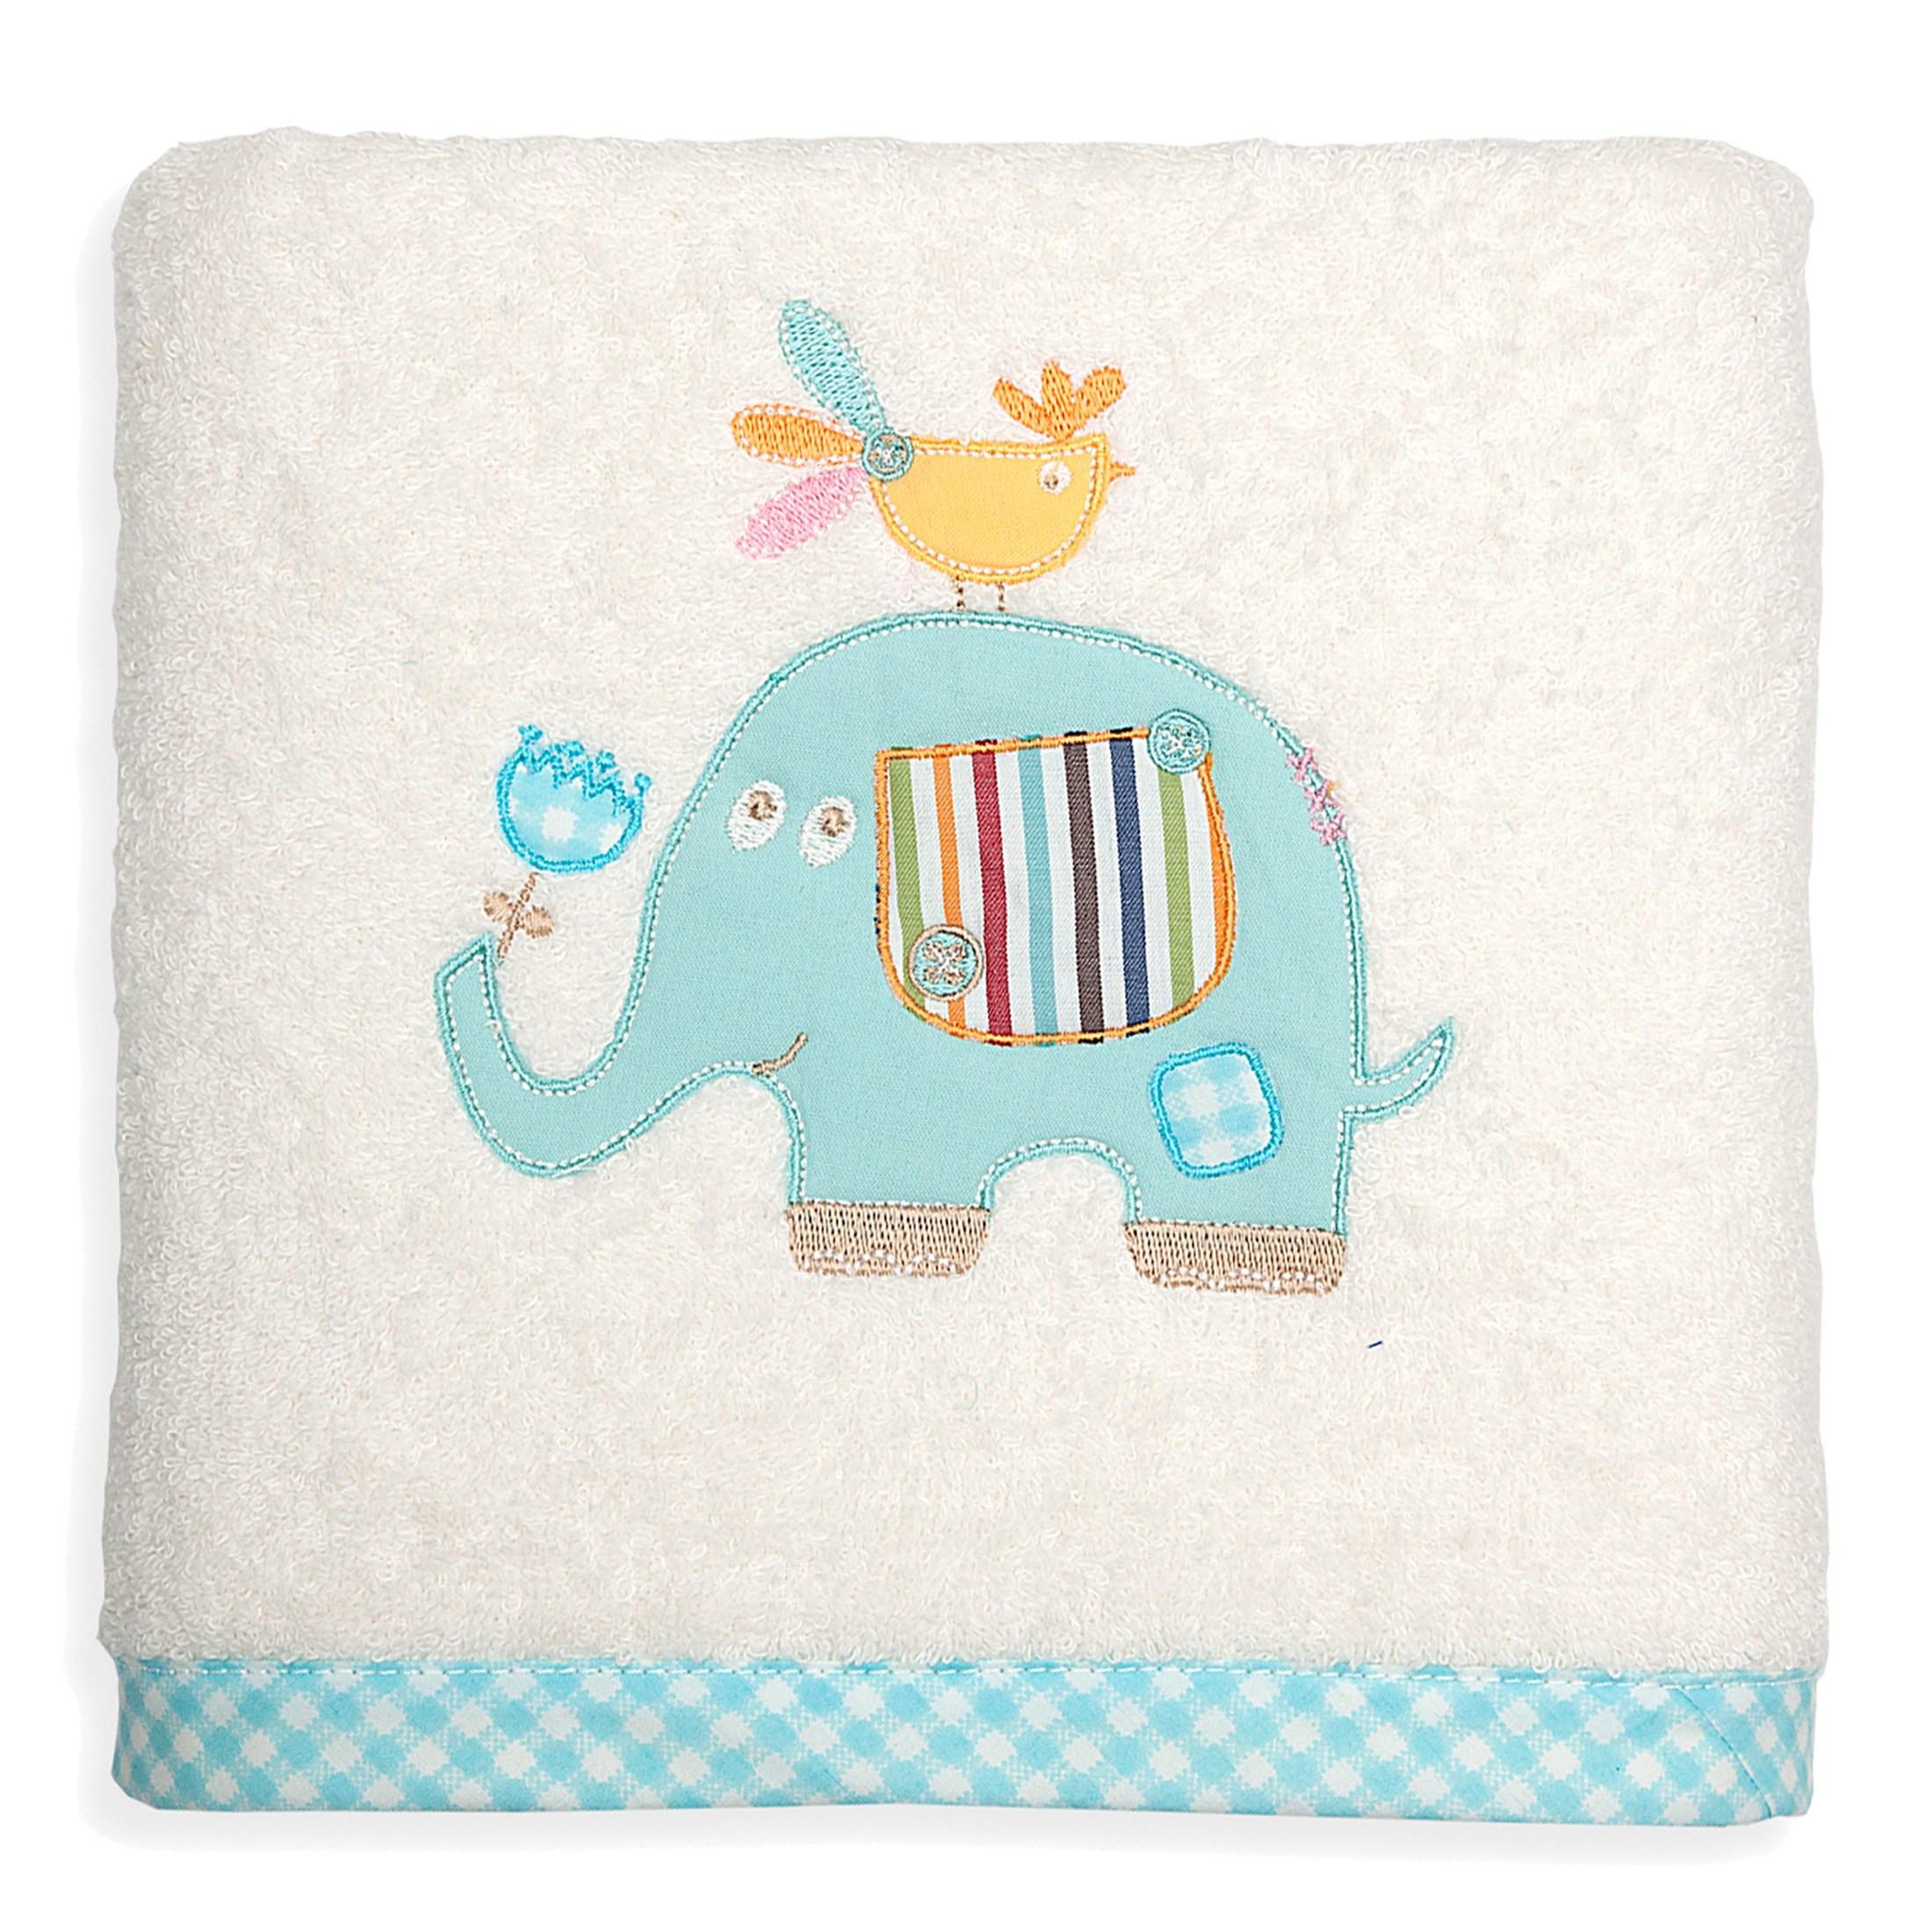 Dětský ručník BABY 50x90 Ručníky a osušky